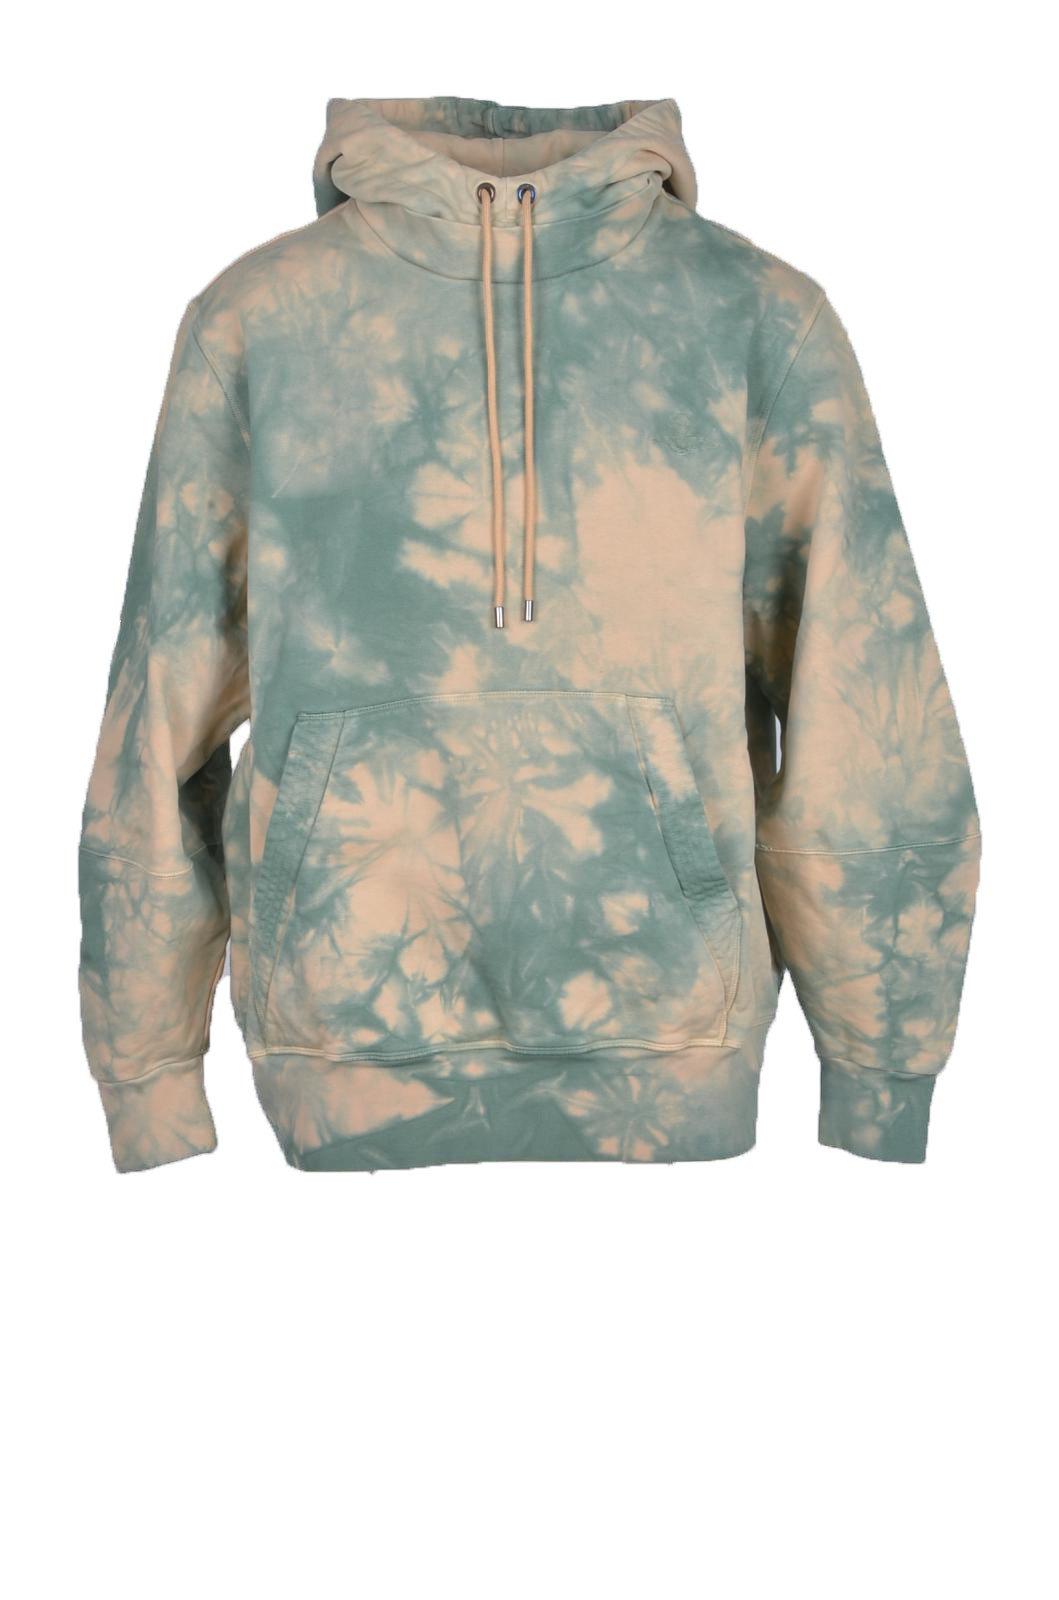 Love Moschino - Love Moschino Women Sweatshirts - beige S